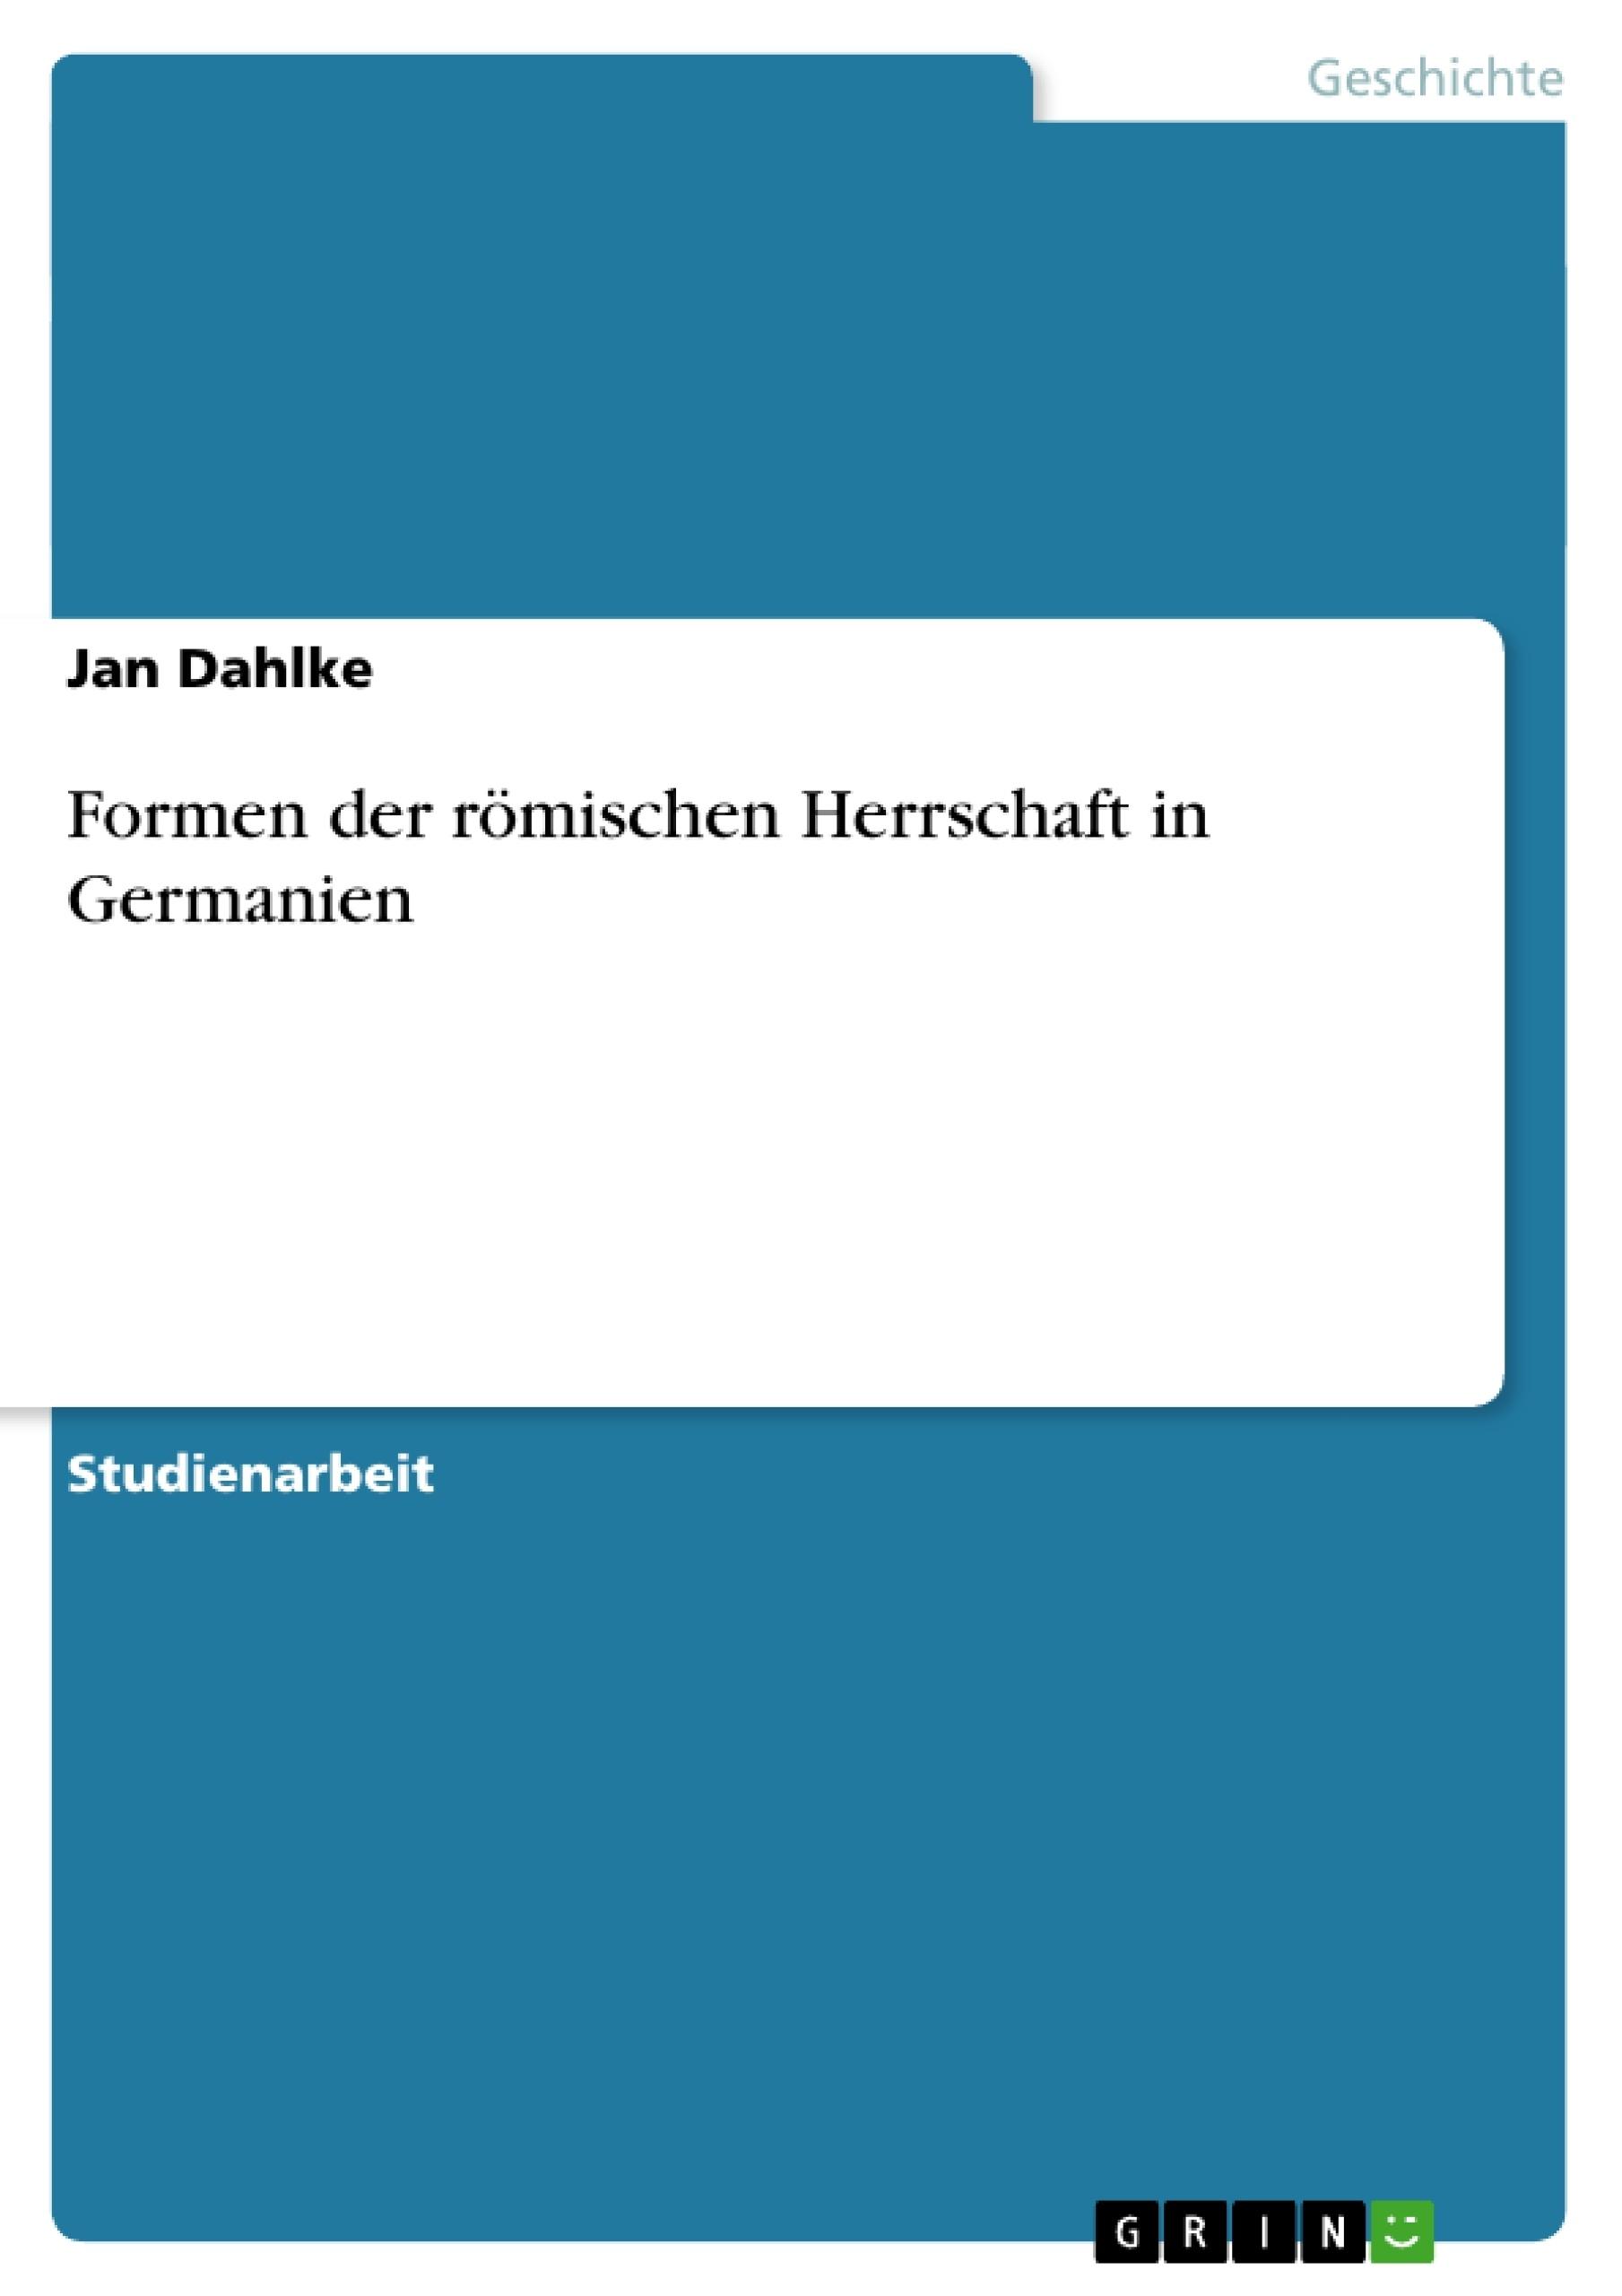 Titel: Formen der römischen Herrschaft in Germanien